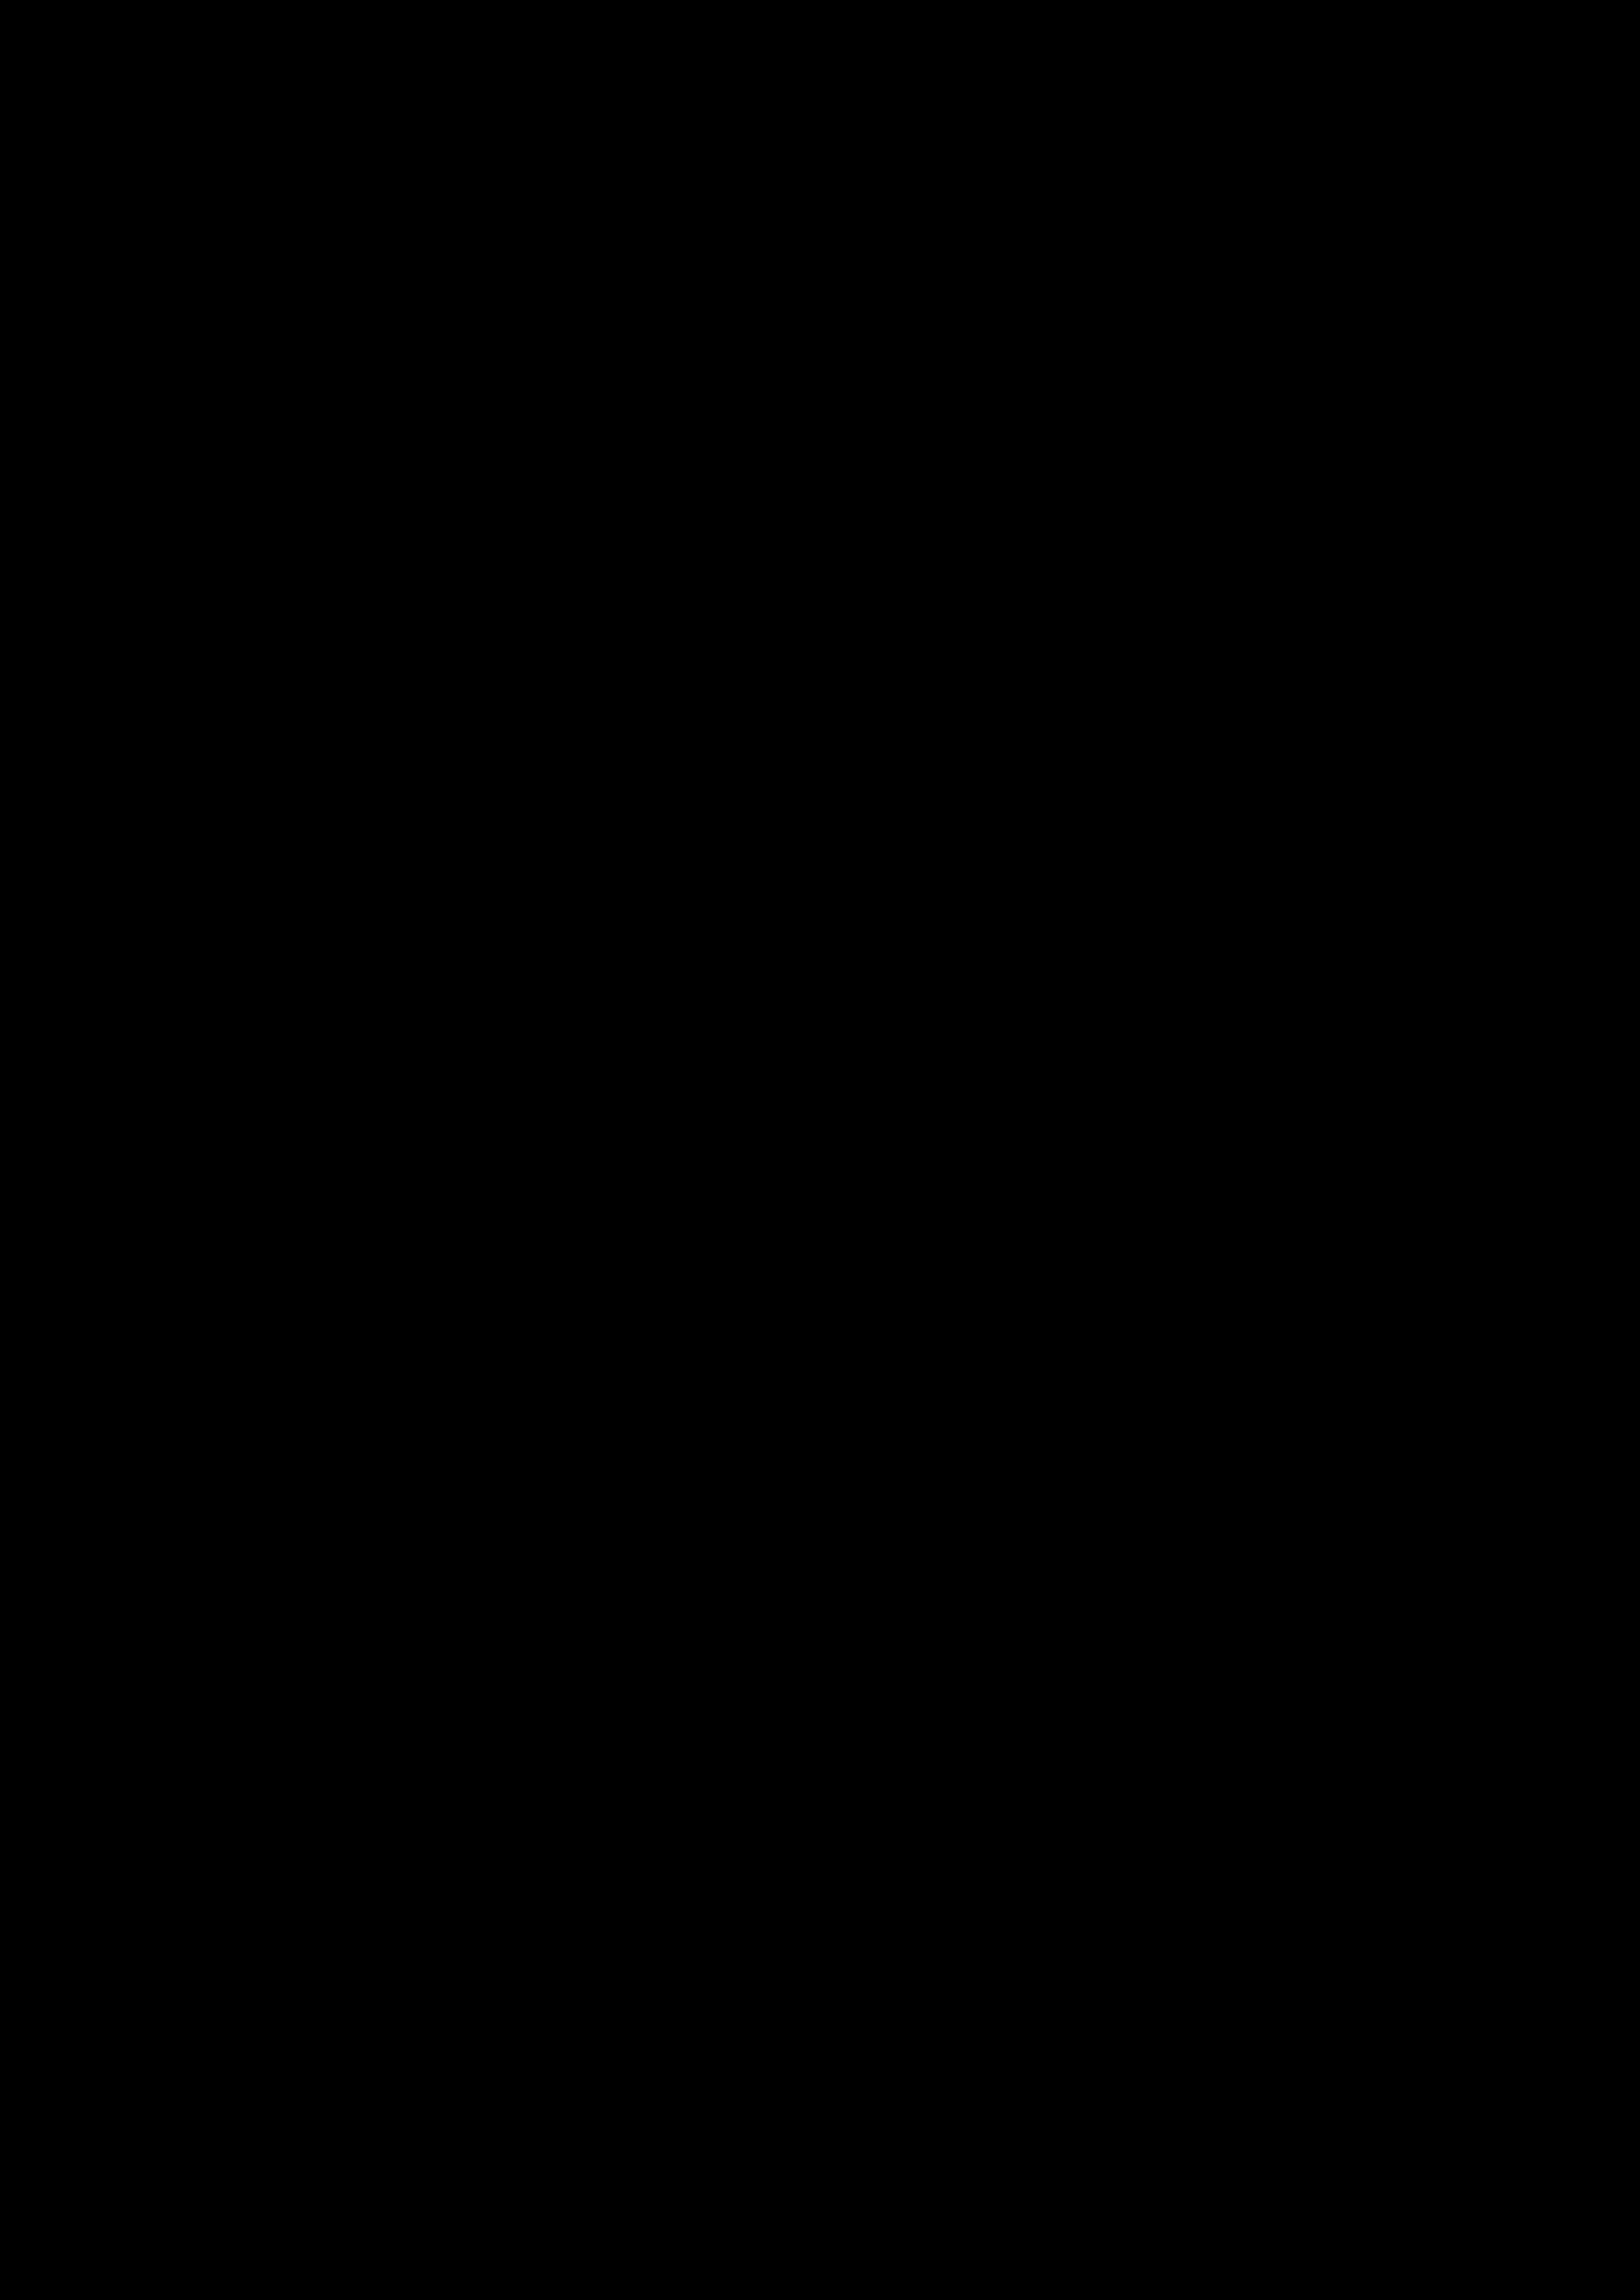 Soirée karaoké au bar le Musical